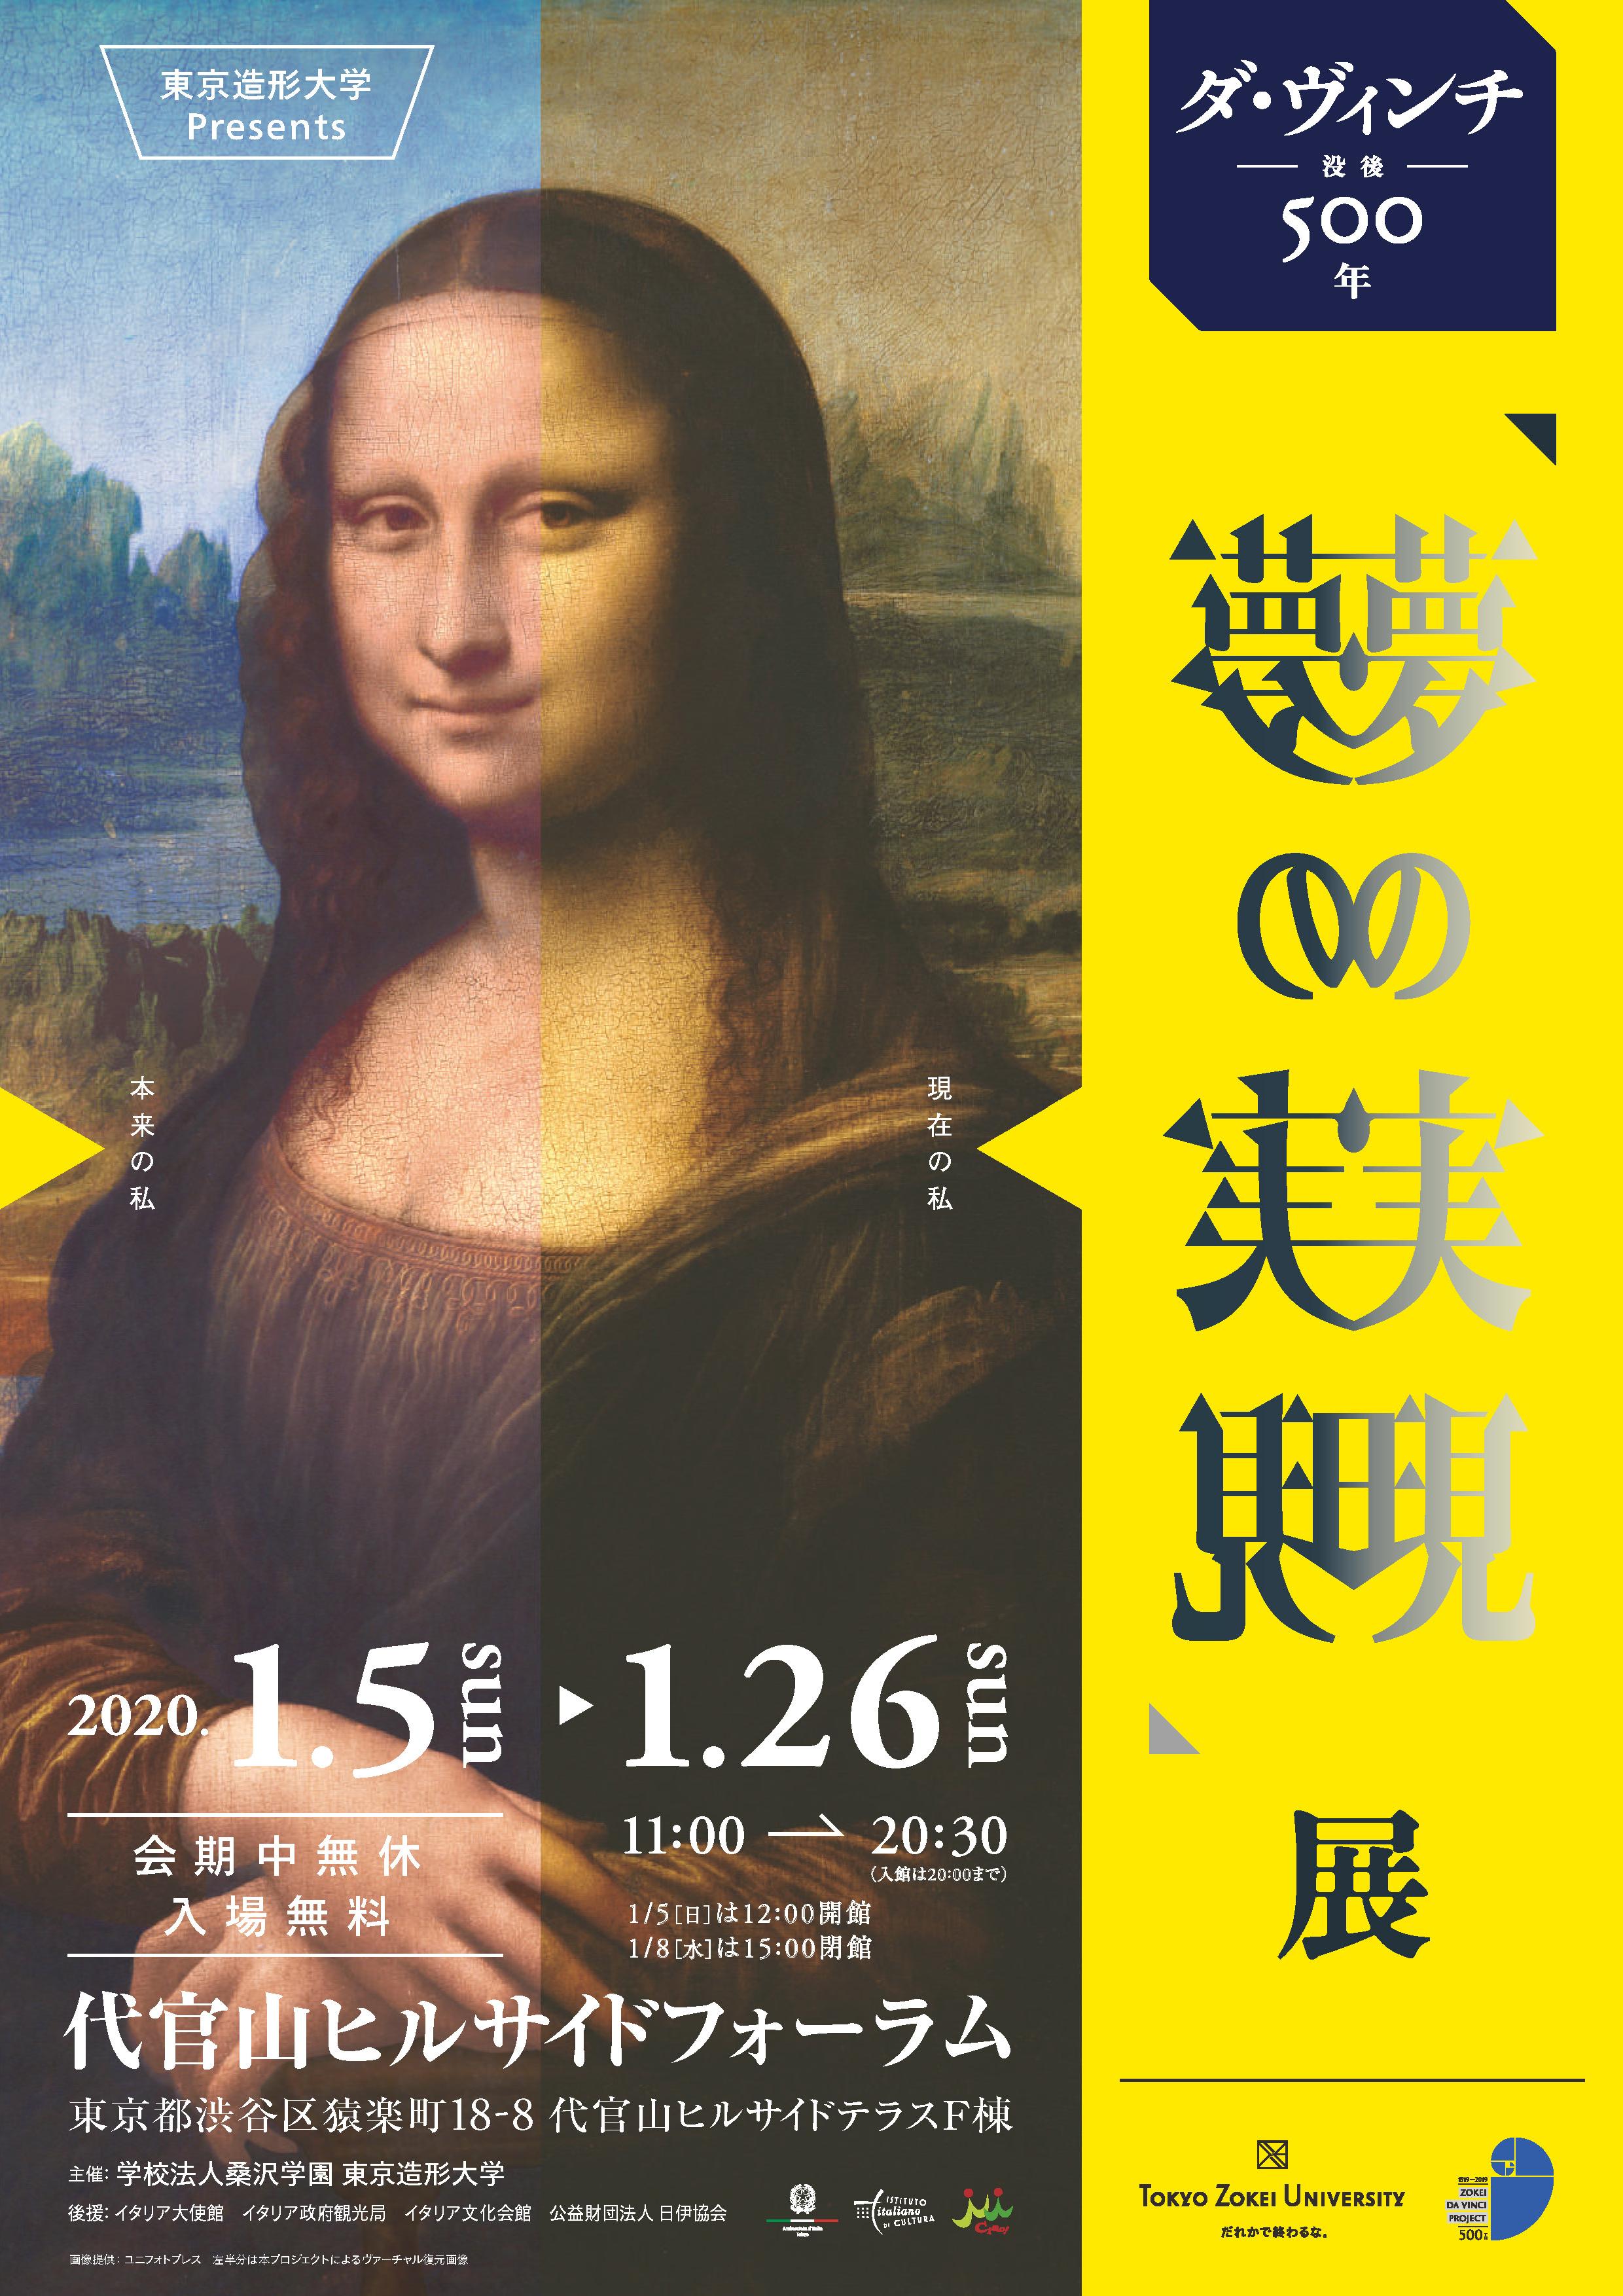 東京造形大学「ダ・ヴィンチ没後500年 『夢の実現』展」